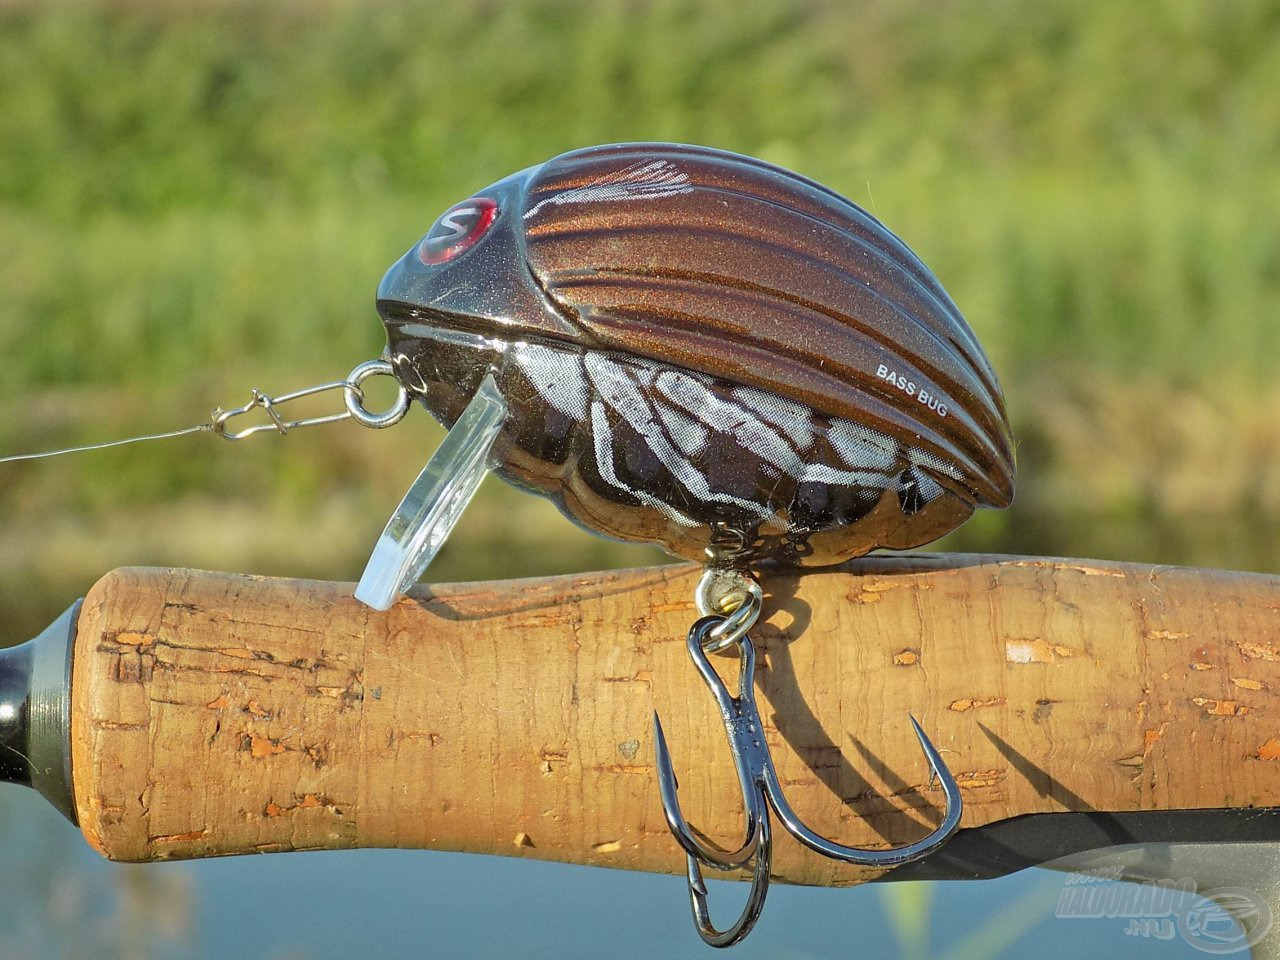 Első látásra Lil Bug, de valójában az alakbéli hasonlóságot majd tízszeres súlytöbblet fejeli meg, ha a 2 cm-es típust vesszük alapul